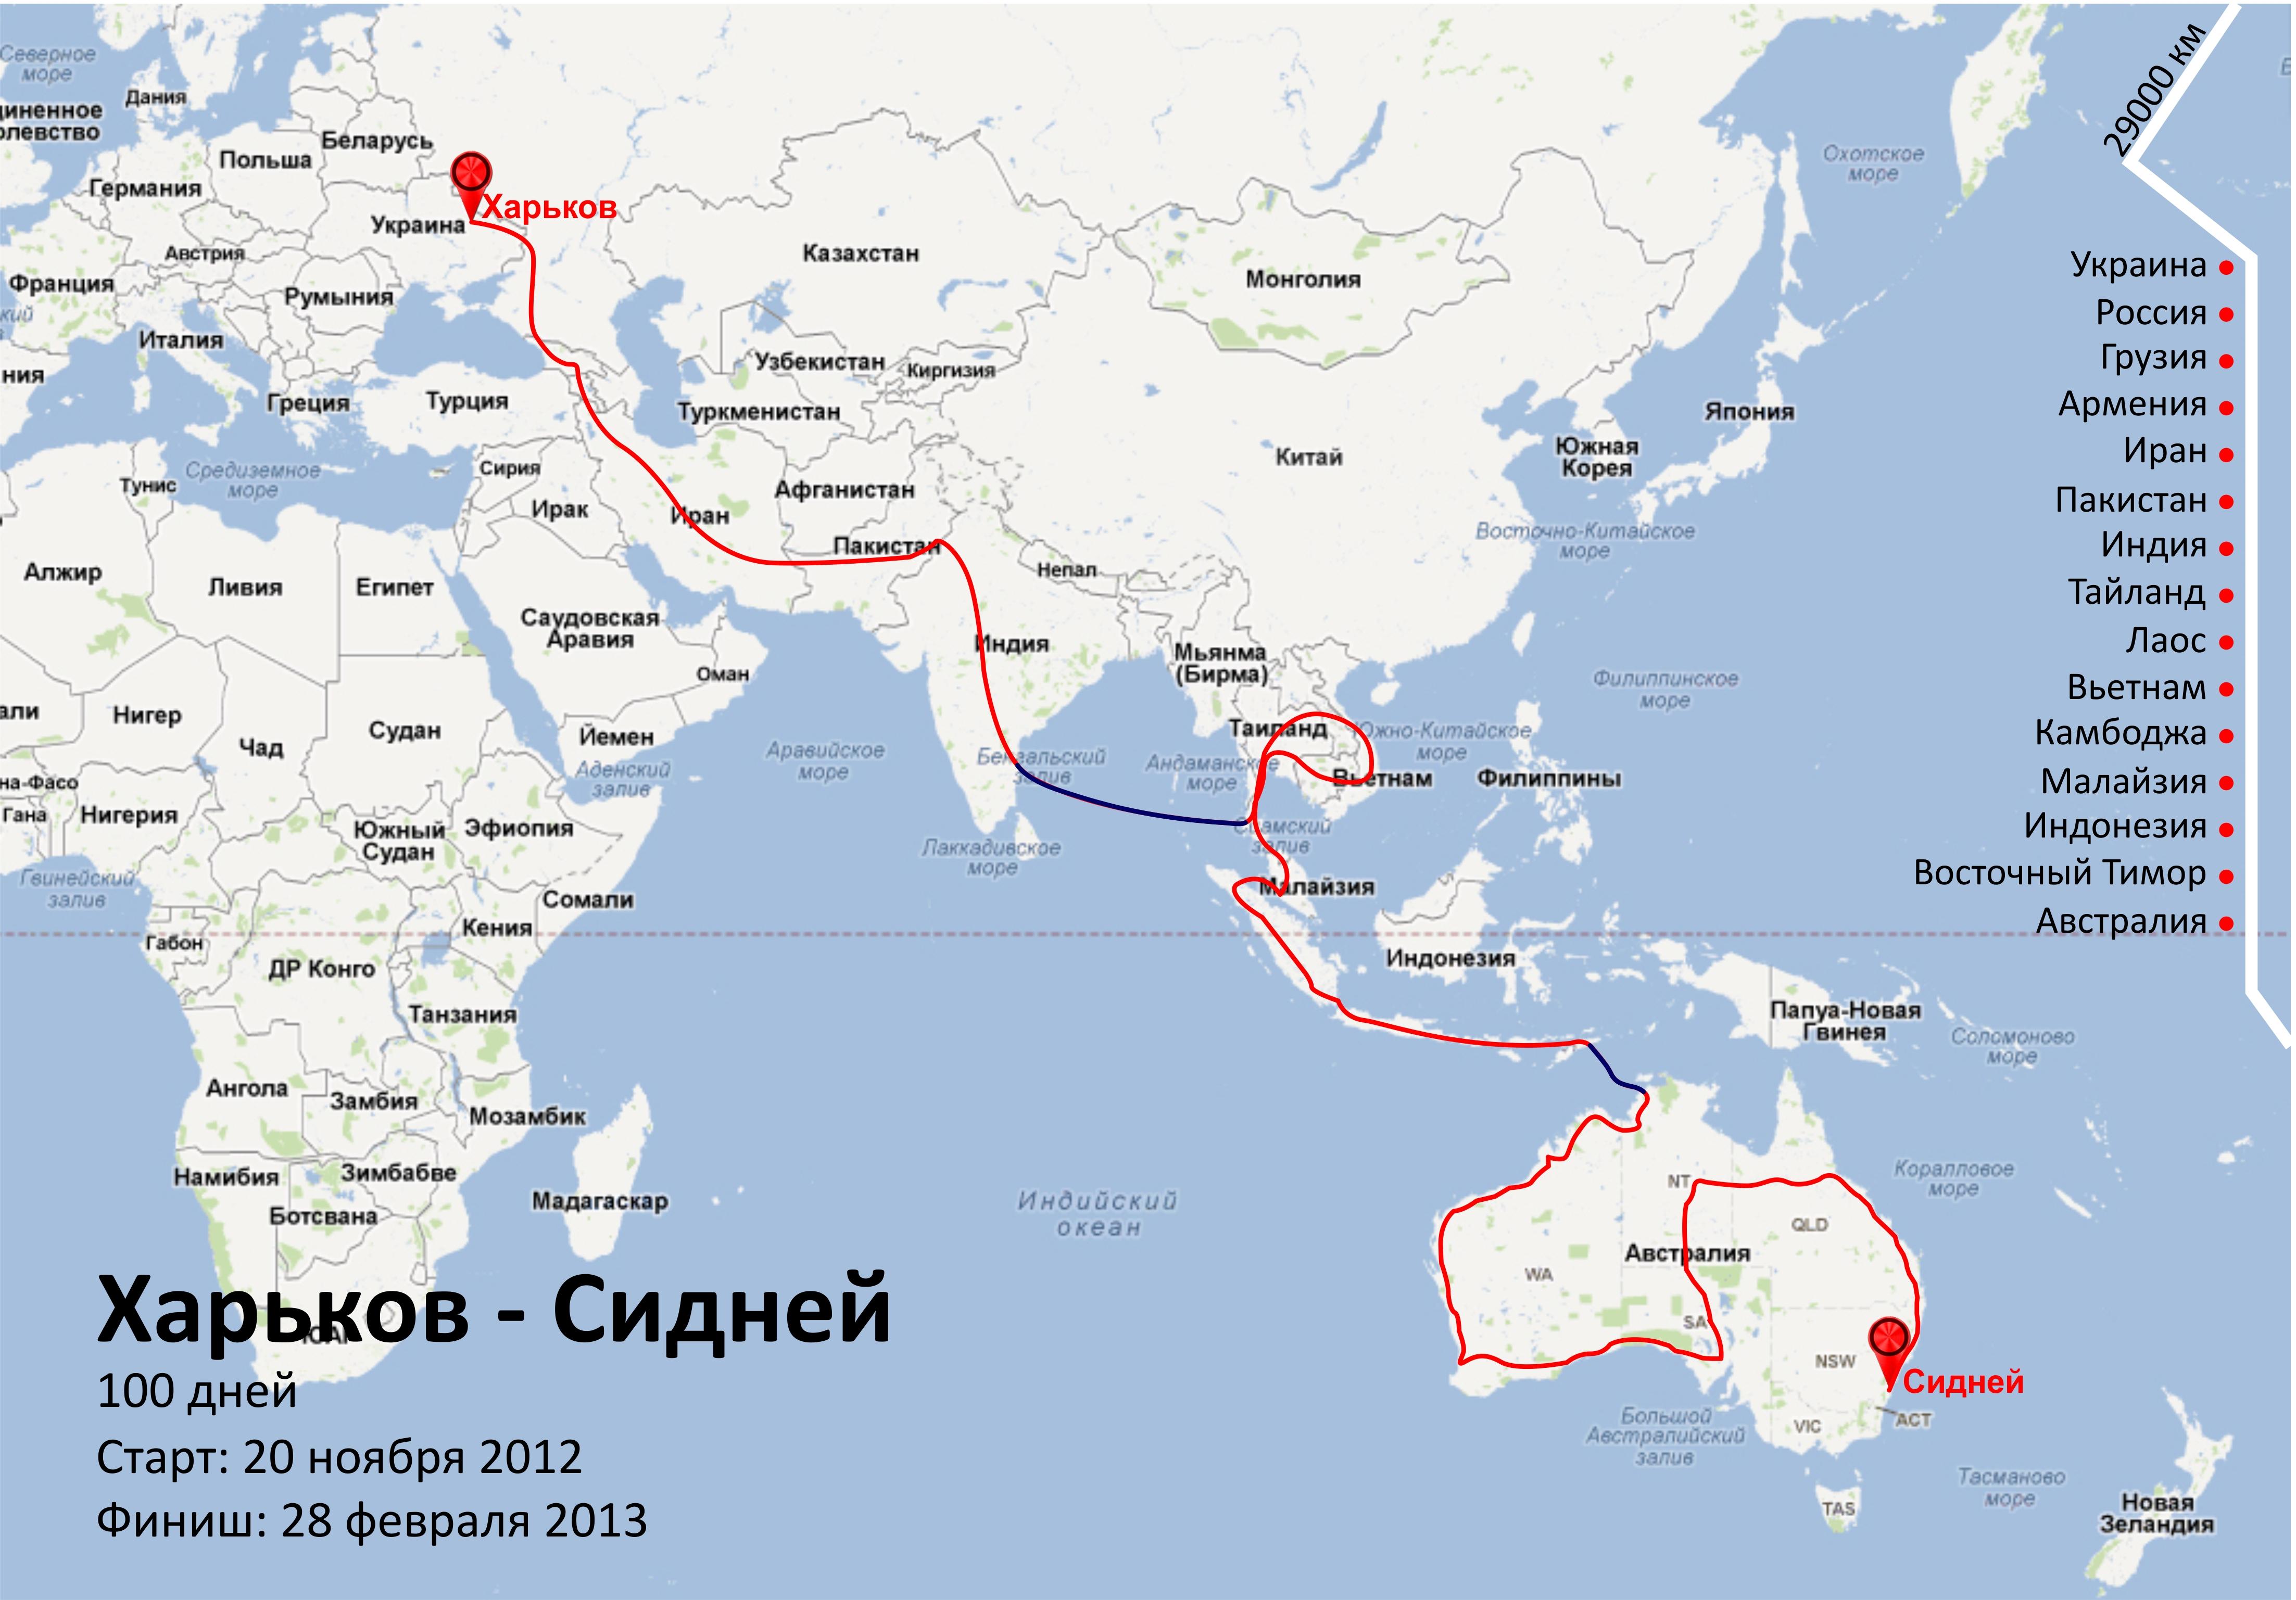 путешествие на мотоциклах в казахстане #13